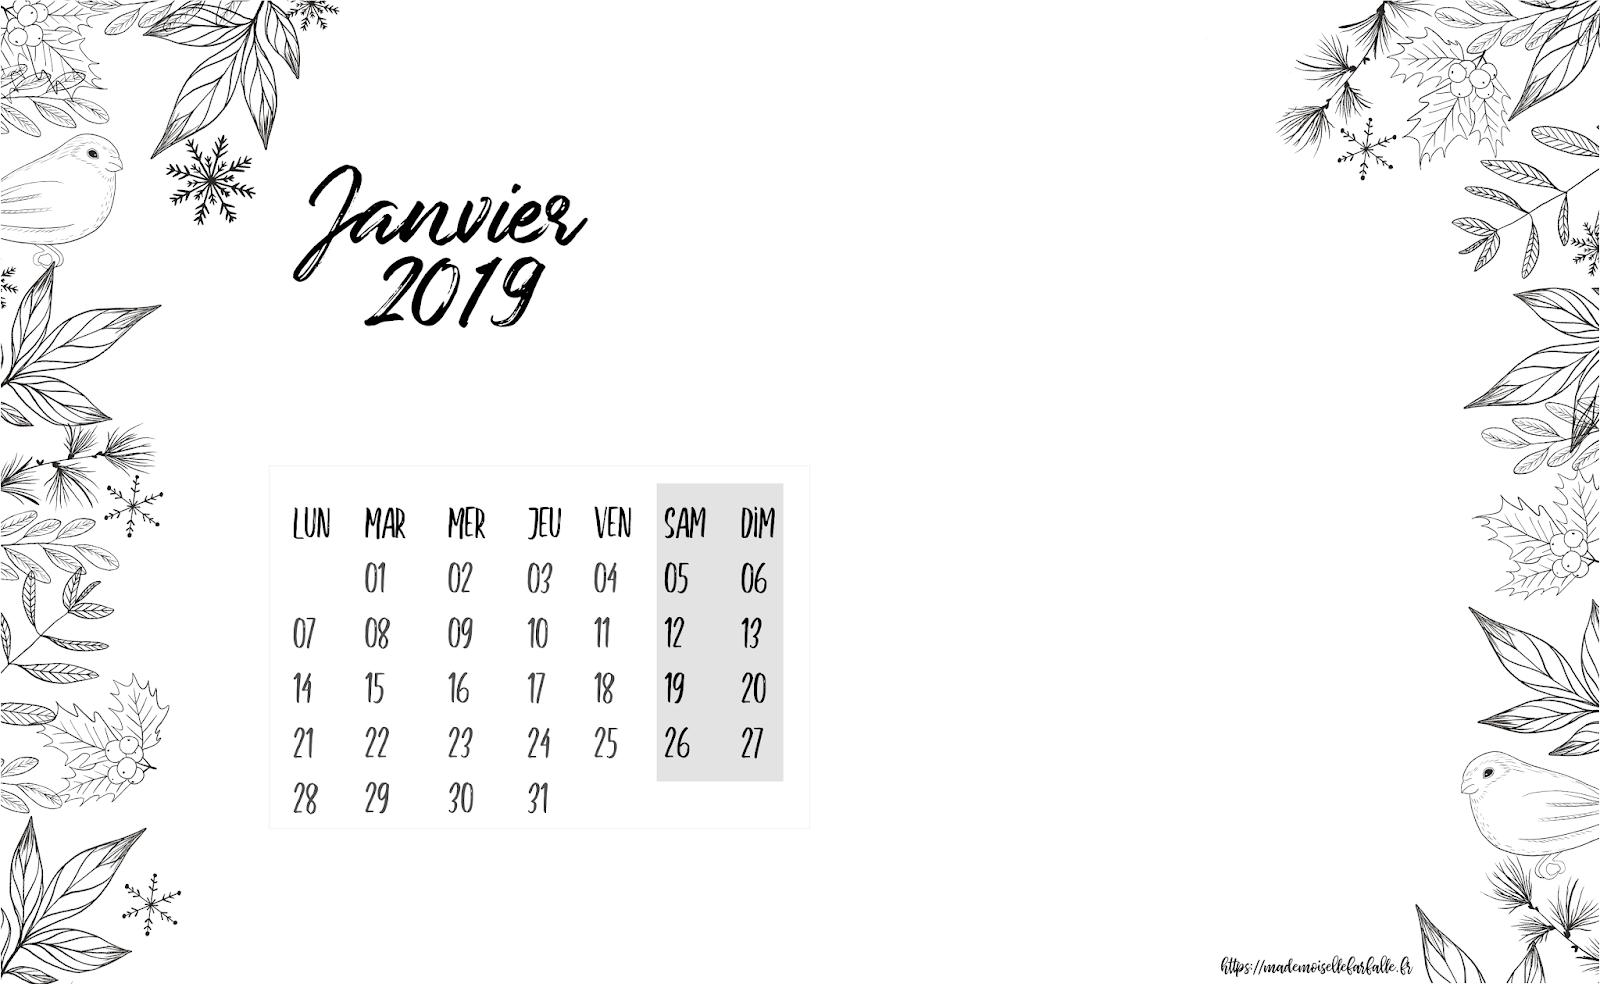 Calendrier Et Fonds D Ecran De Janvier 2019 A Telecharger Mademoiselle Farfalle